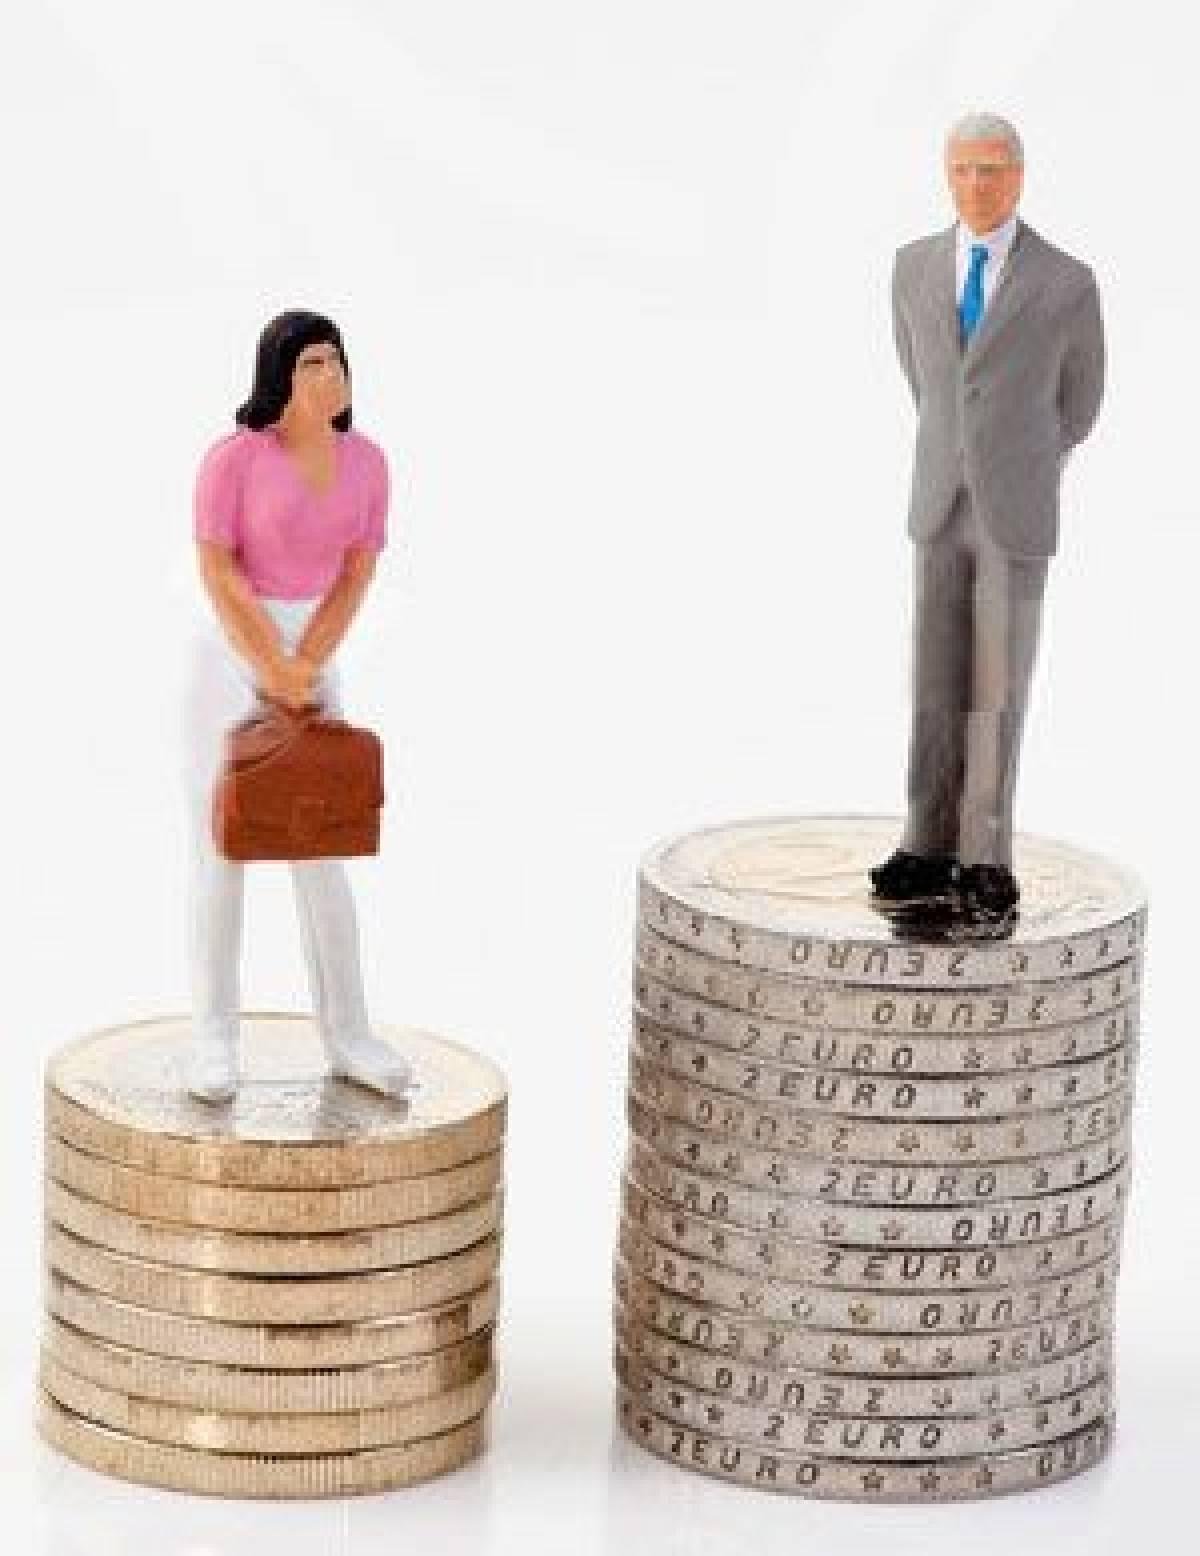 Diferença salarial entre homens e mulheres cresceu em 2010, diz IBGE